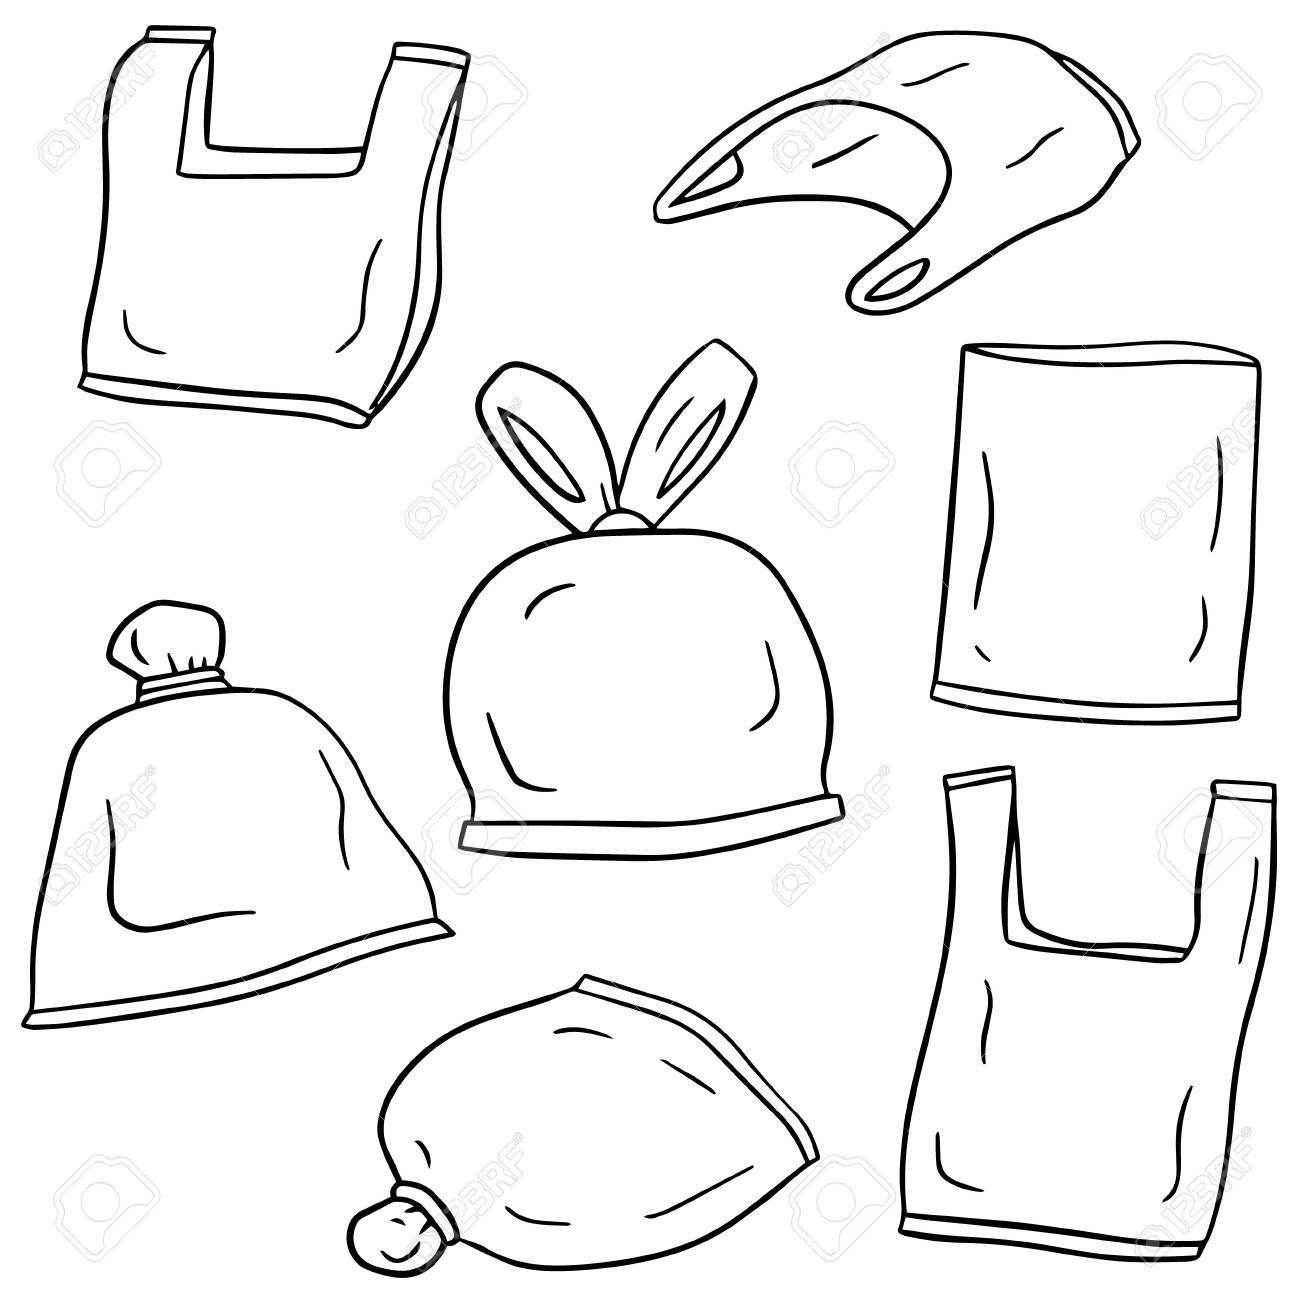 Plastic Bag Drawing At Getdrawings